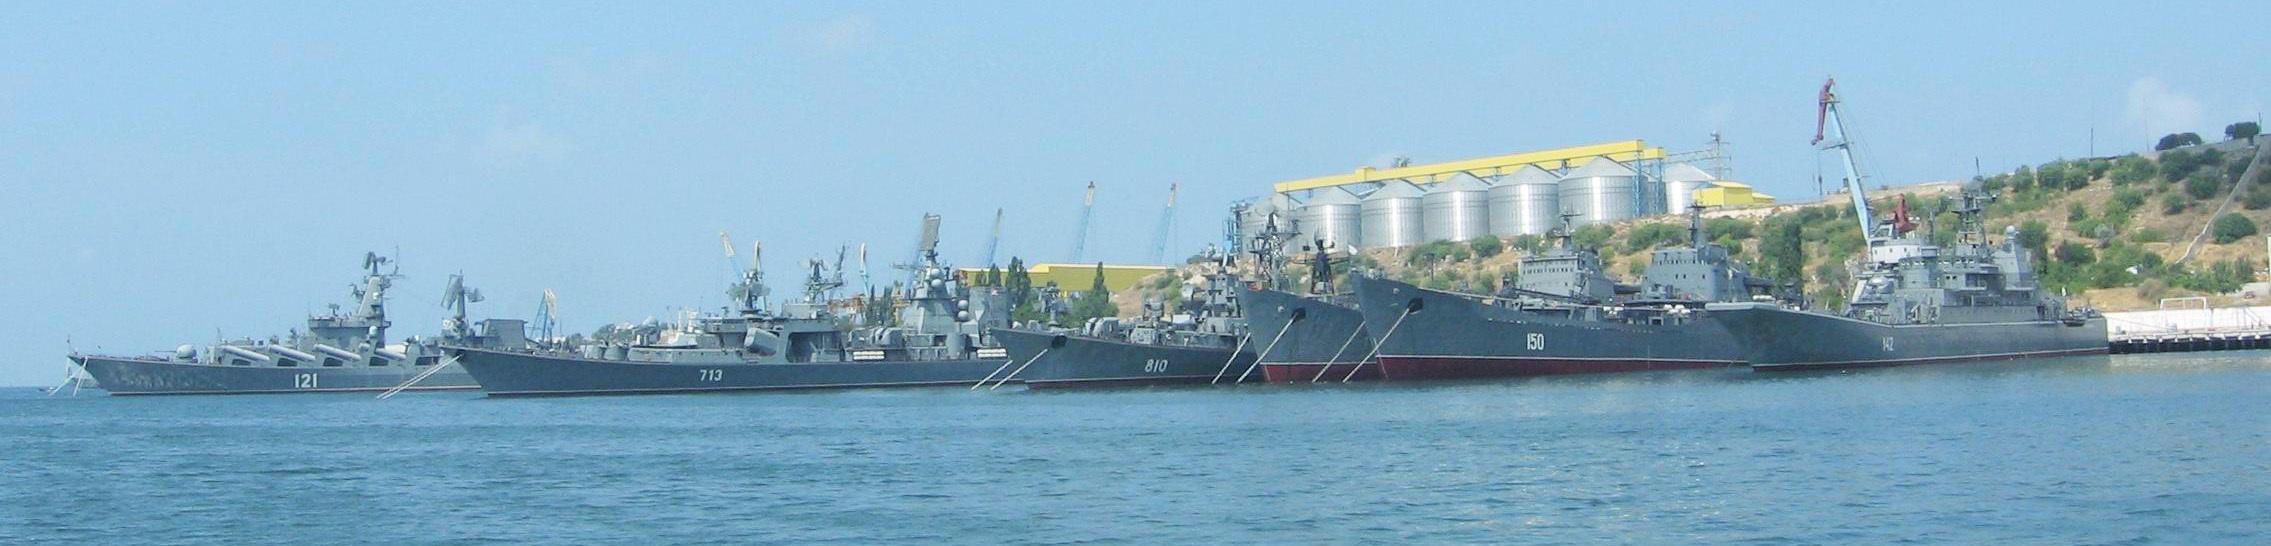 В США оценили шансы НАТО на победу в войне с Россией в Чёрном море